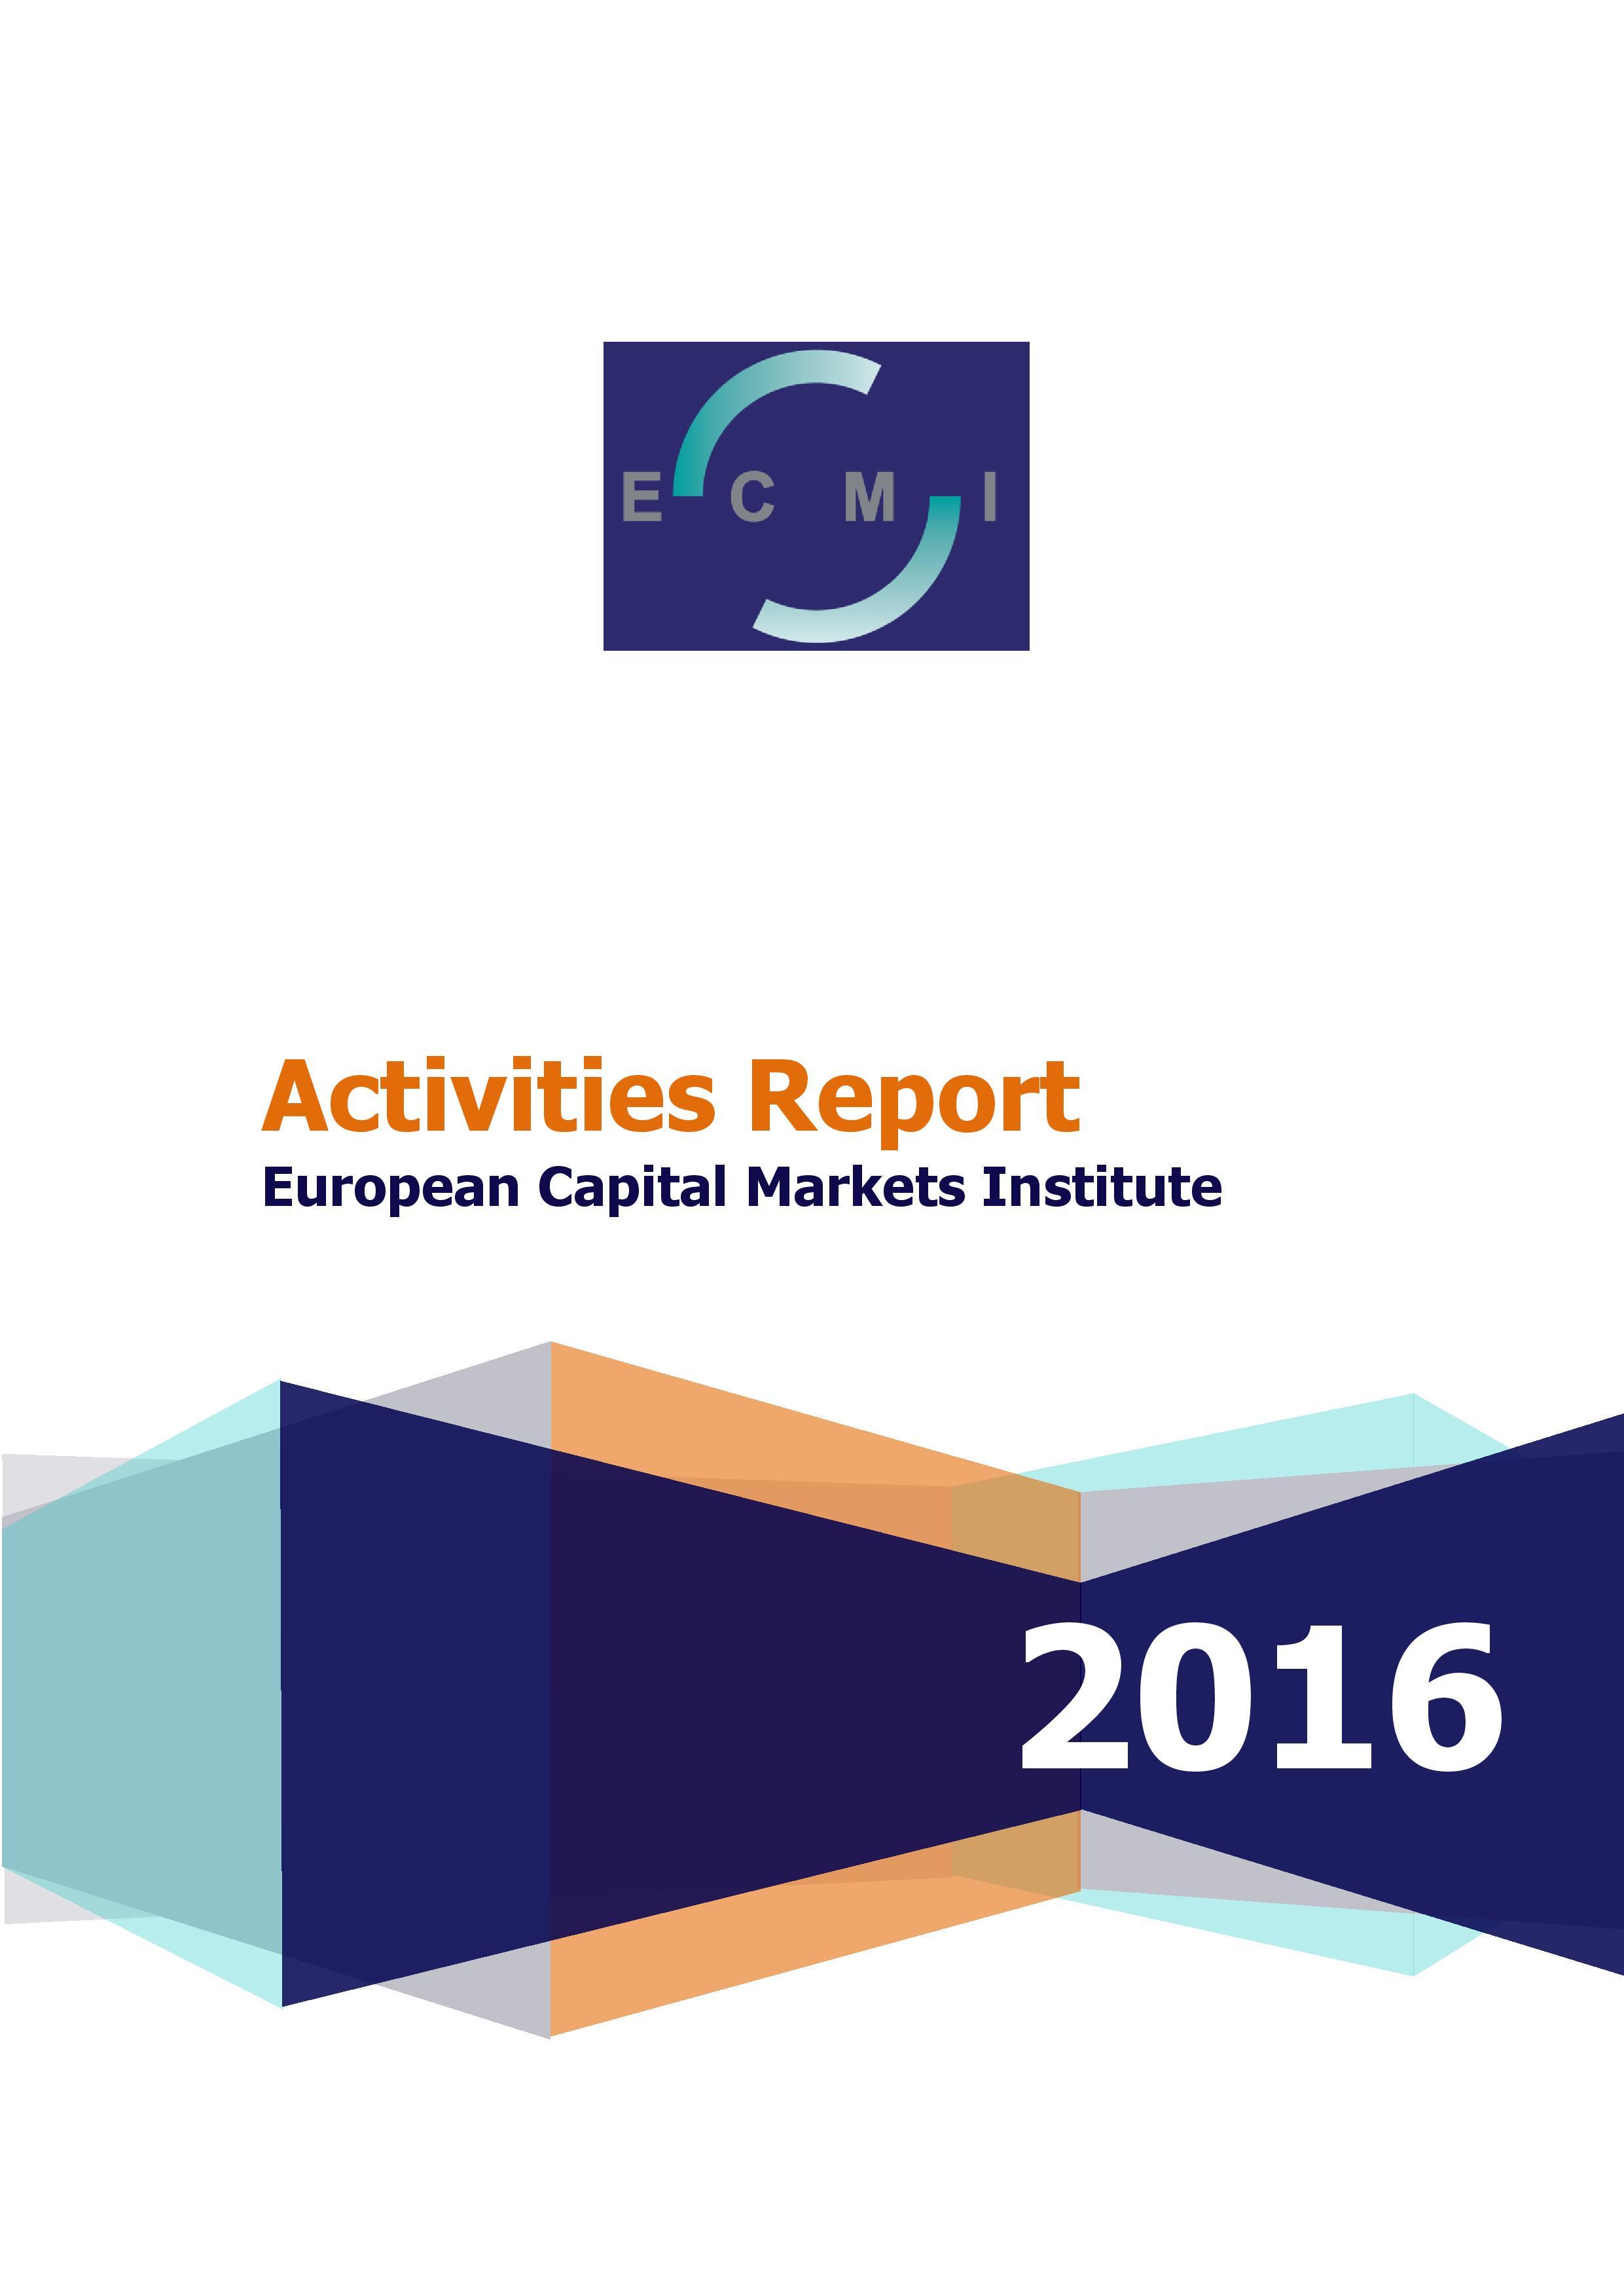 Activities Report 2016